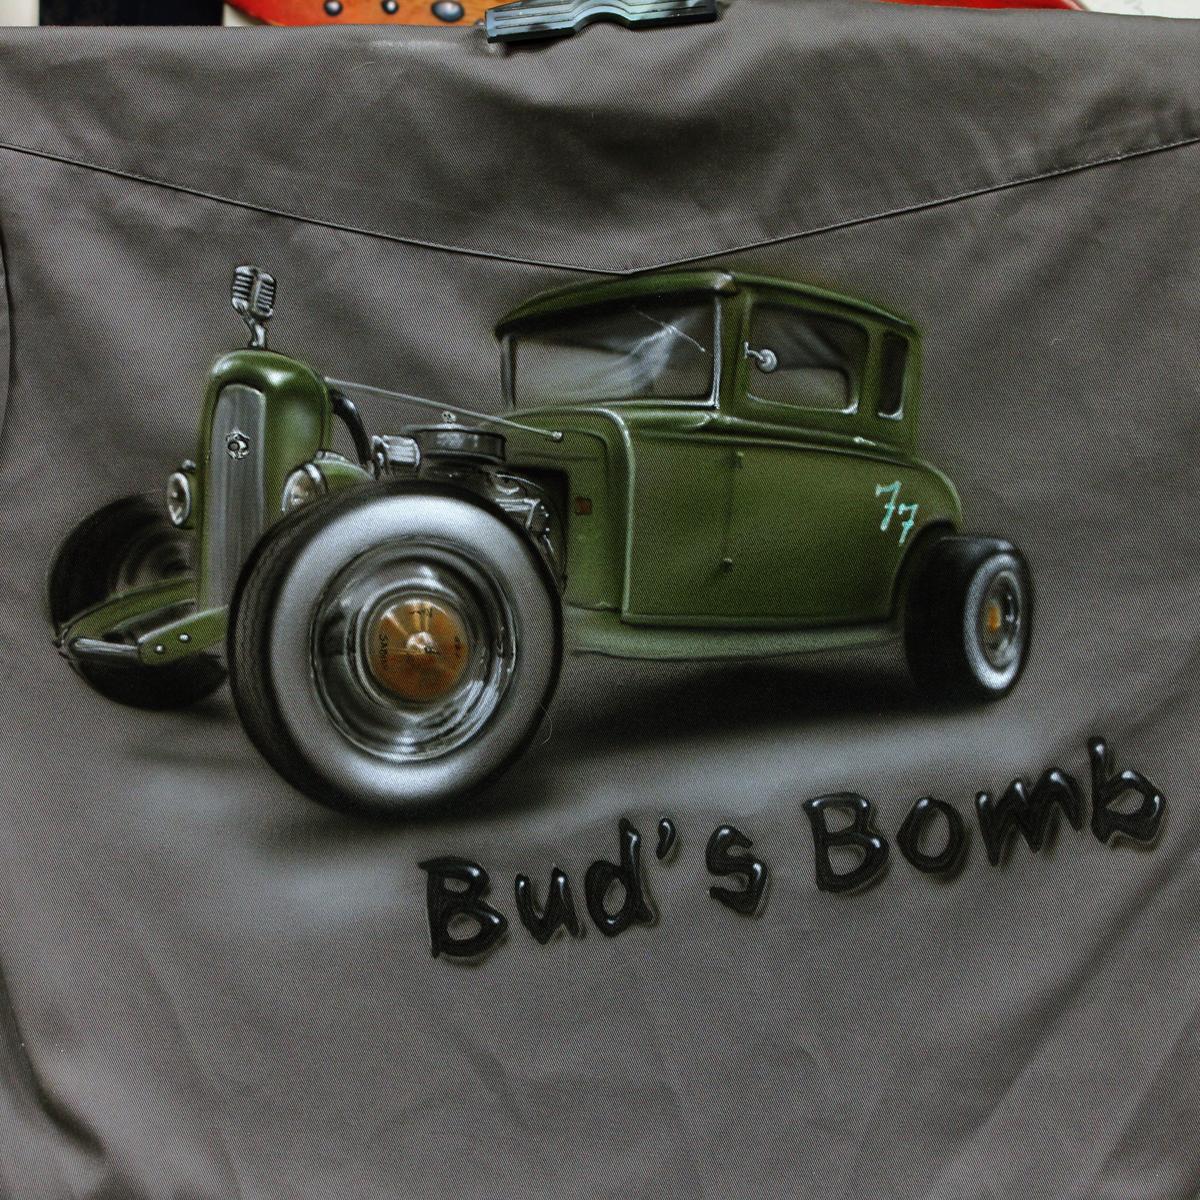 Bud's Bomb